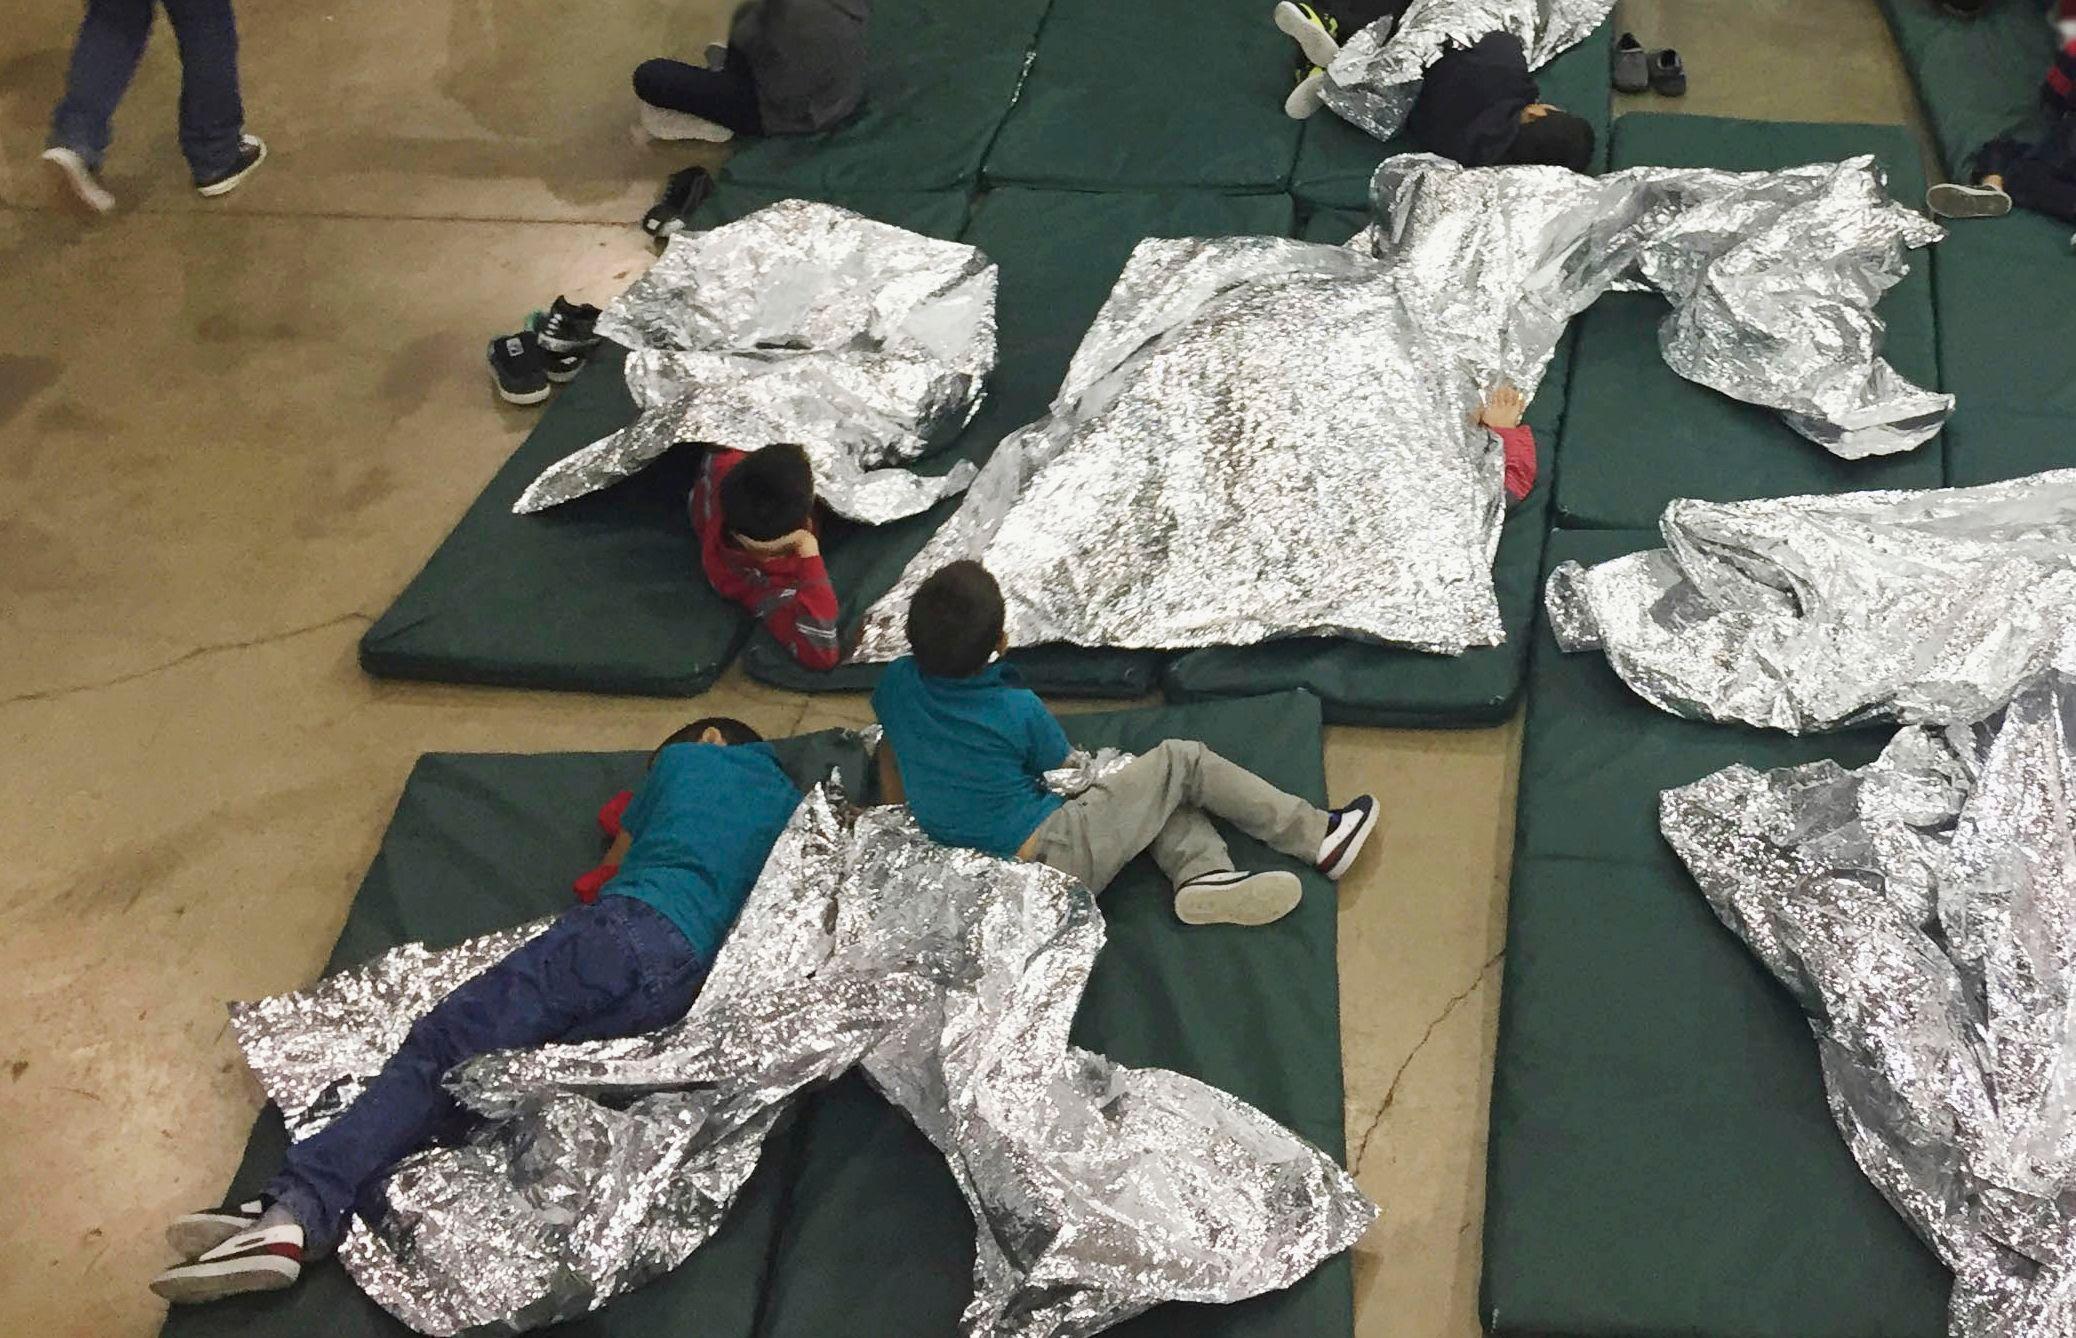 Niños en centro de detencion y deportacion